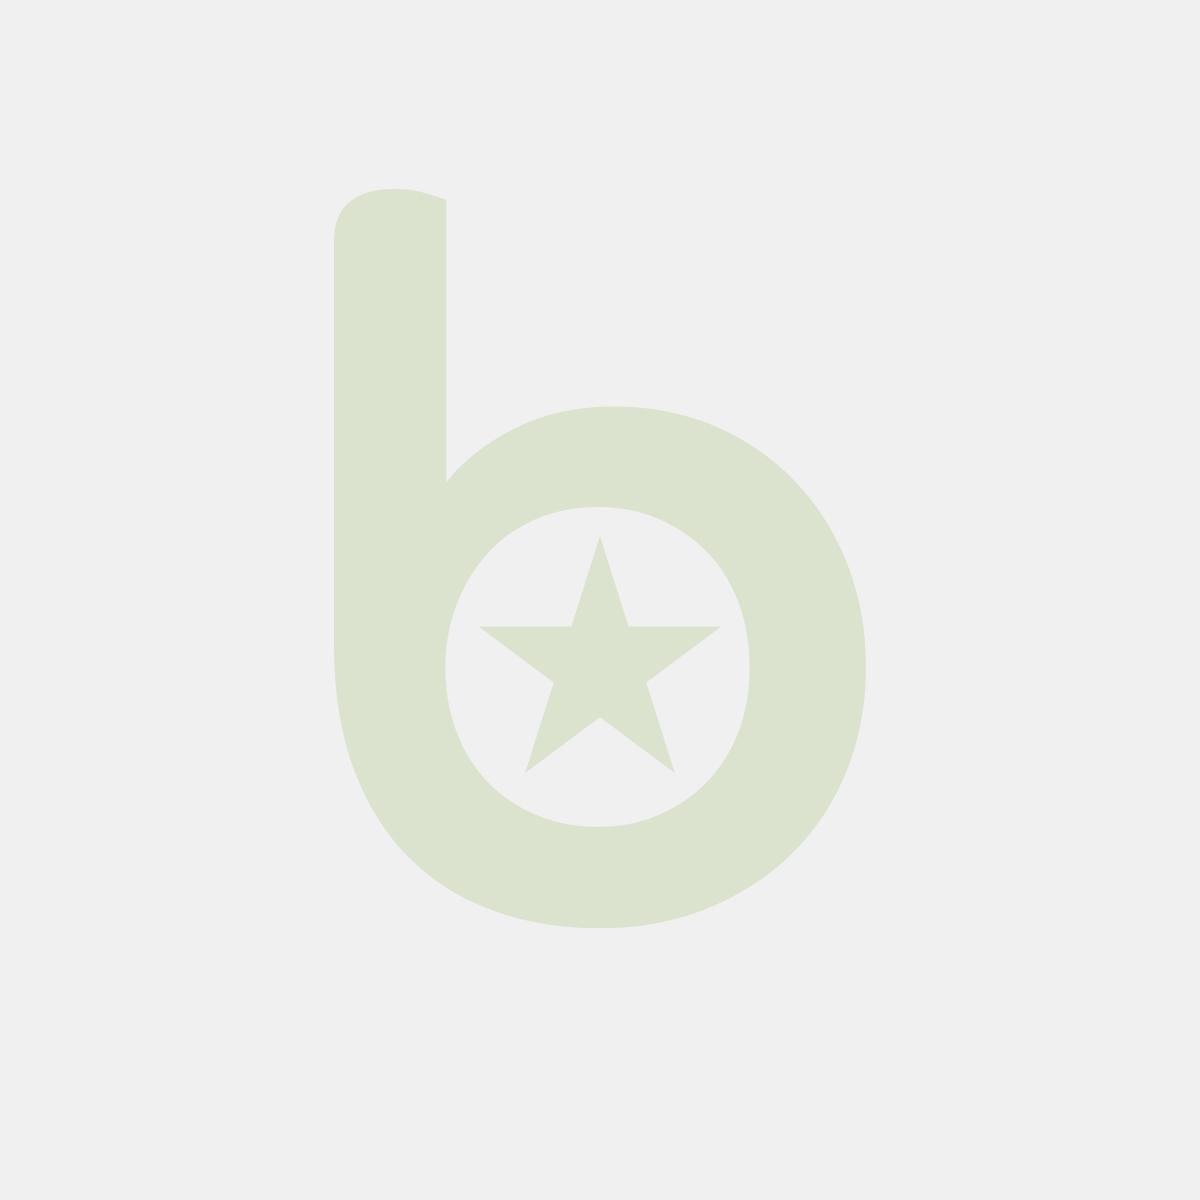 Kubek COLOR PS 200ml, SELEDYNOWY, cena za opakowanie 100szt